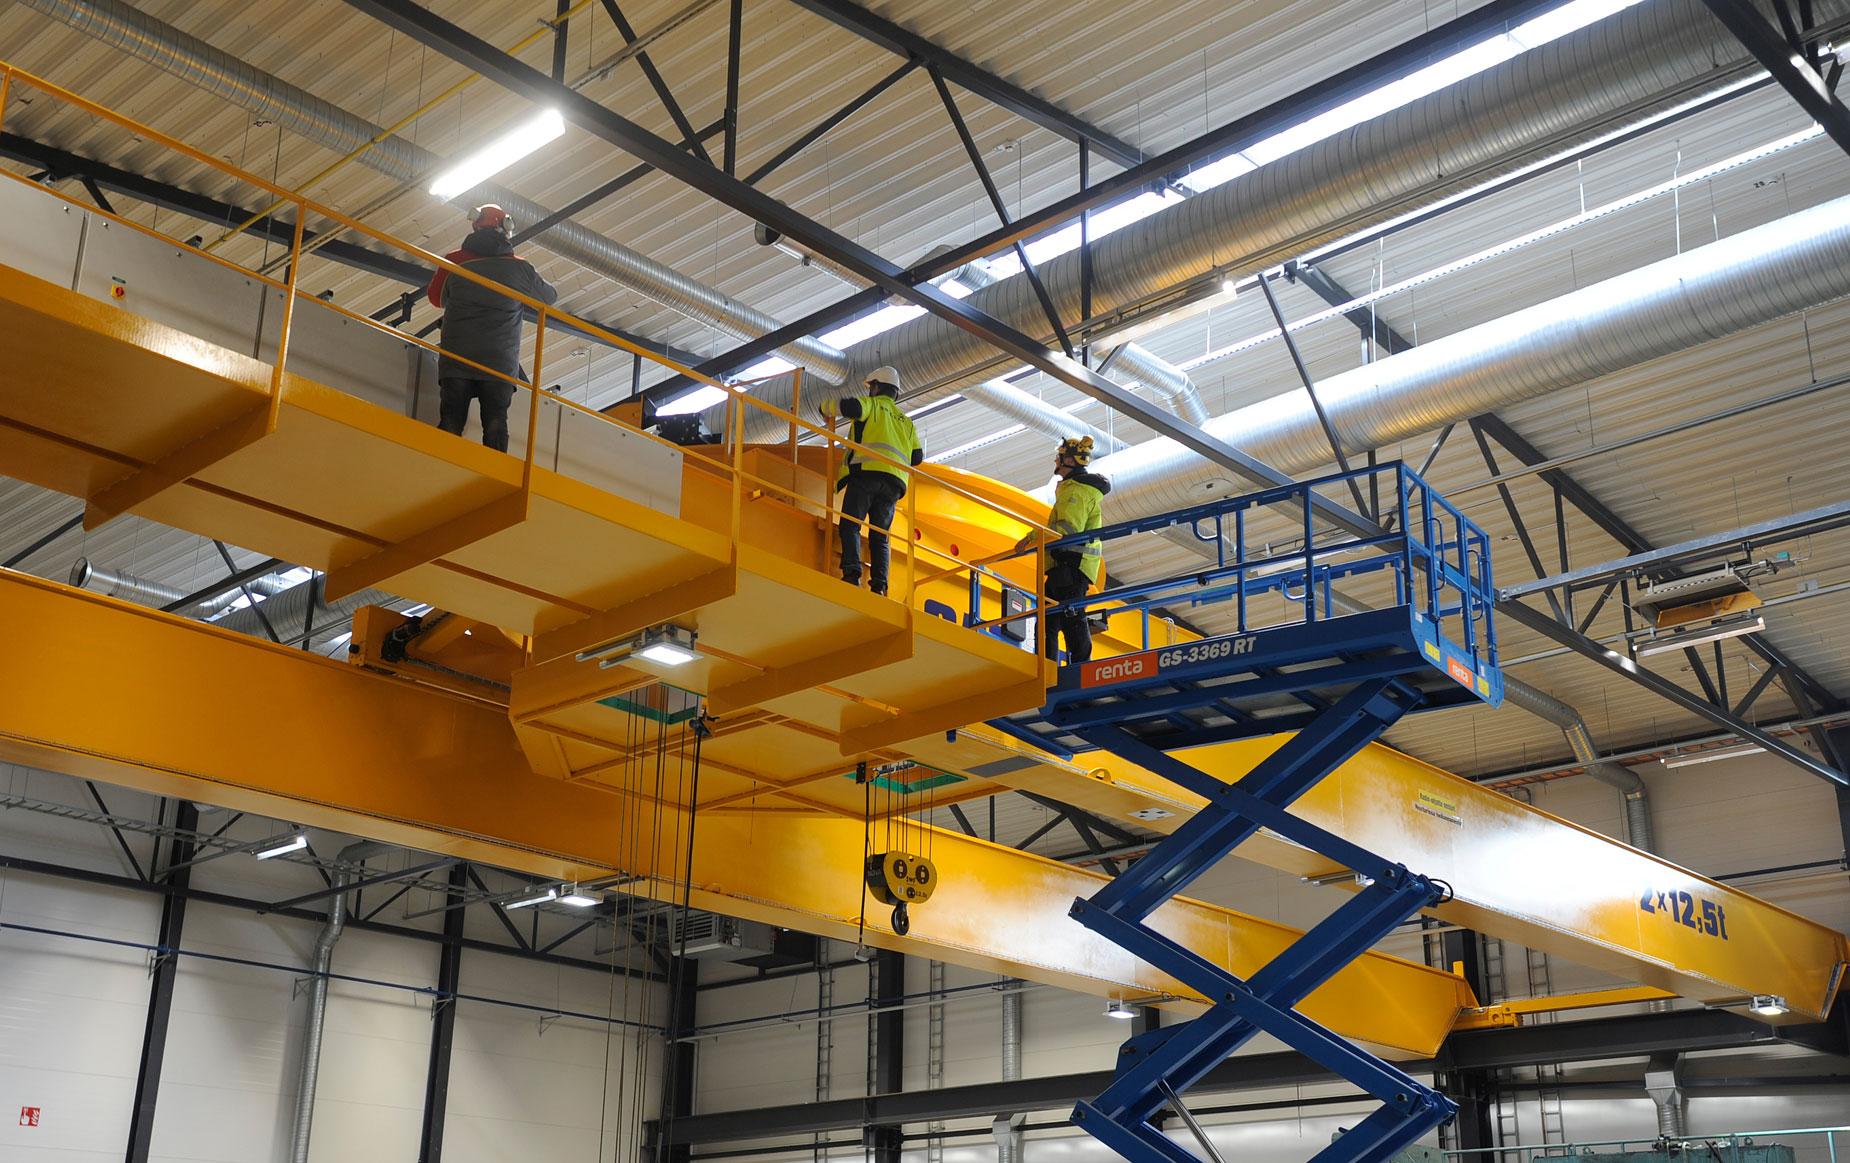 crane-service-nosturihuolto-teollisuus-metalliteollisuus-teollisuuden-siltanosturit-satateras_6